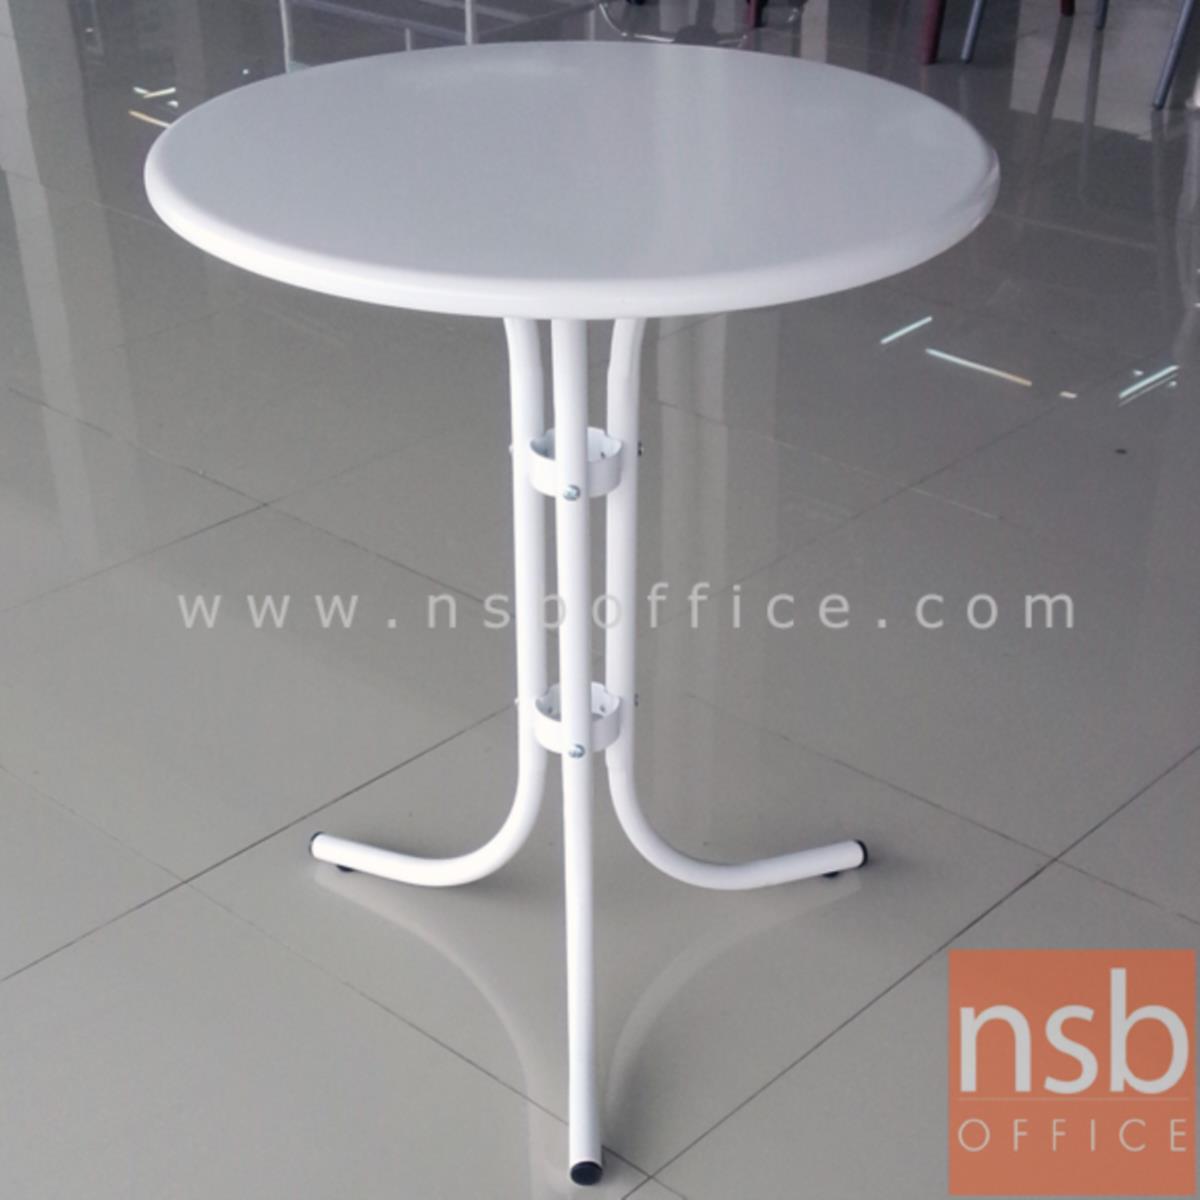 A08A018:โต๊ะพับหน้าเหล็ก รุ่น Emberly (แอมเบอรี่) ขนาด 60Di cm. ขาเหล็ก 3 แฉก